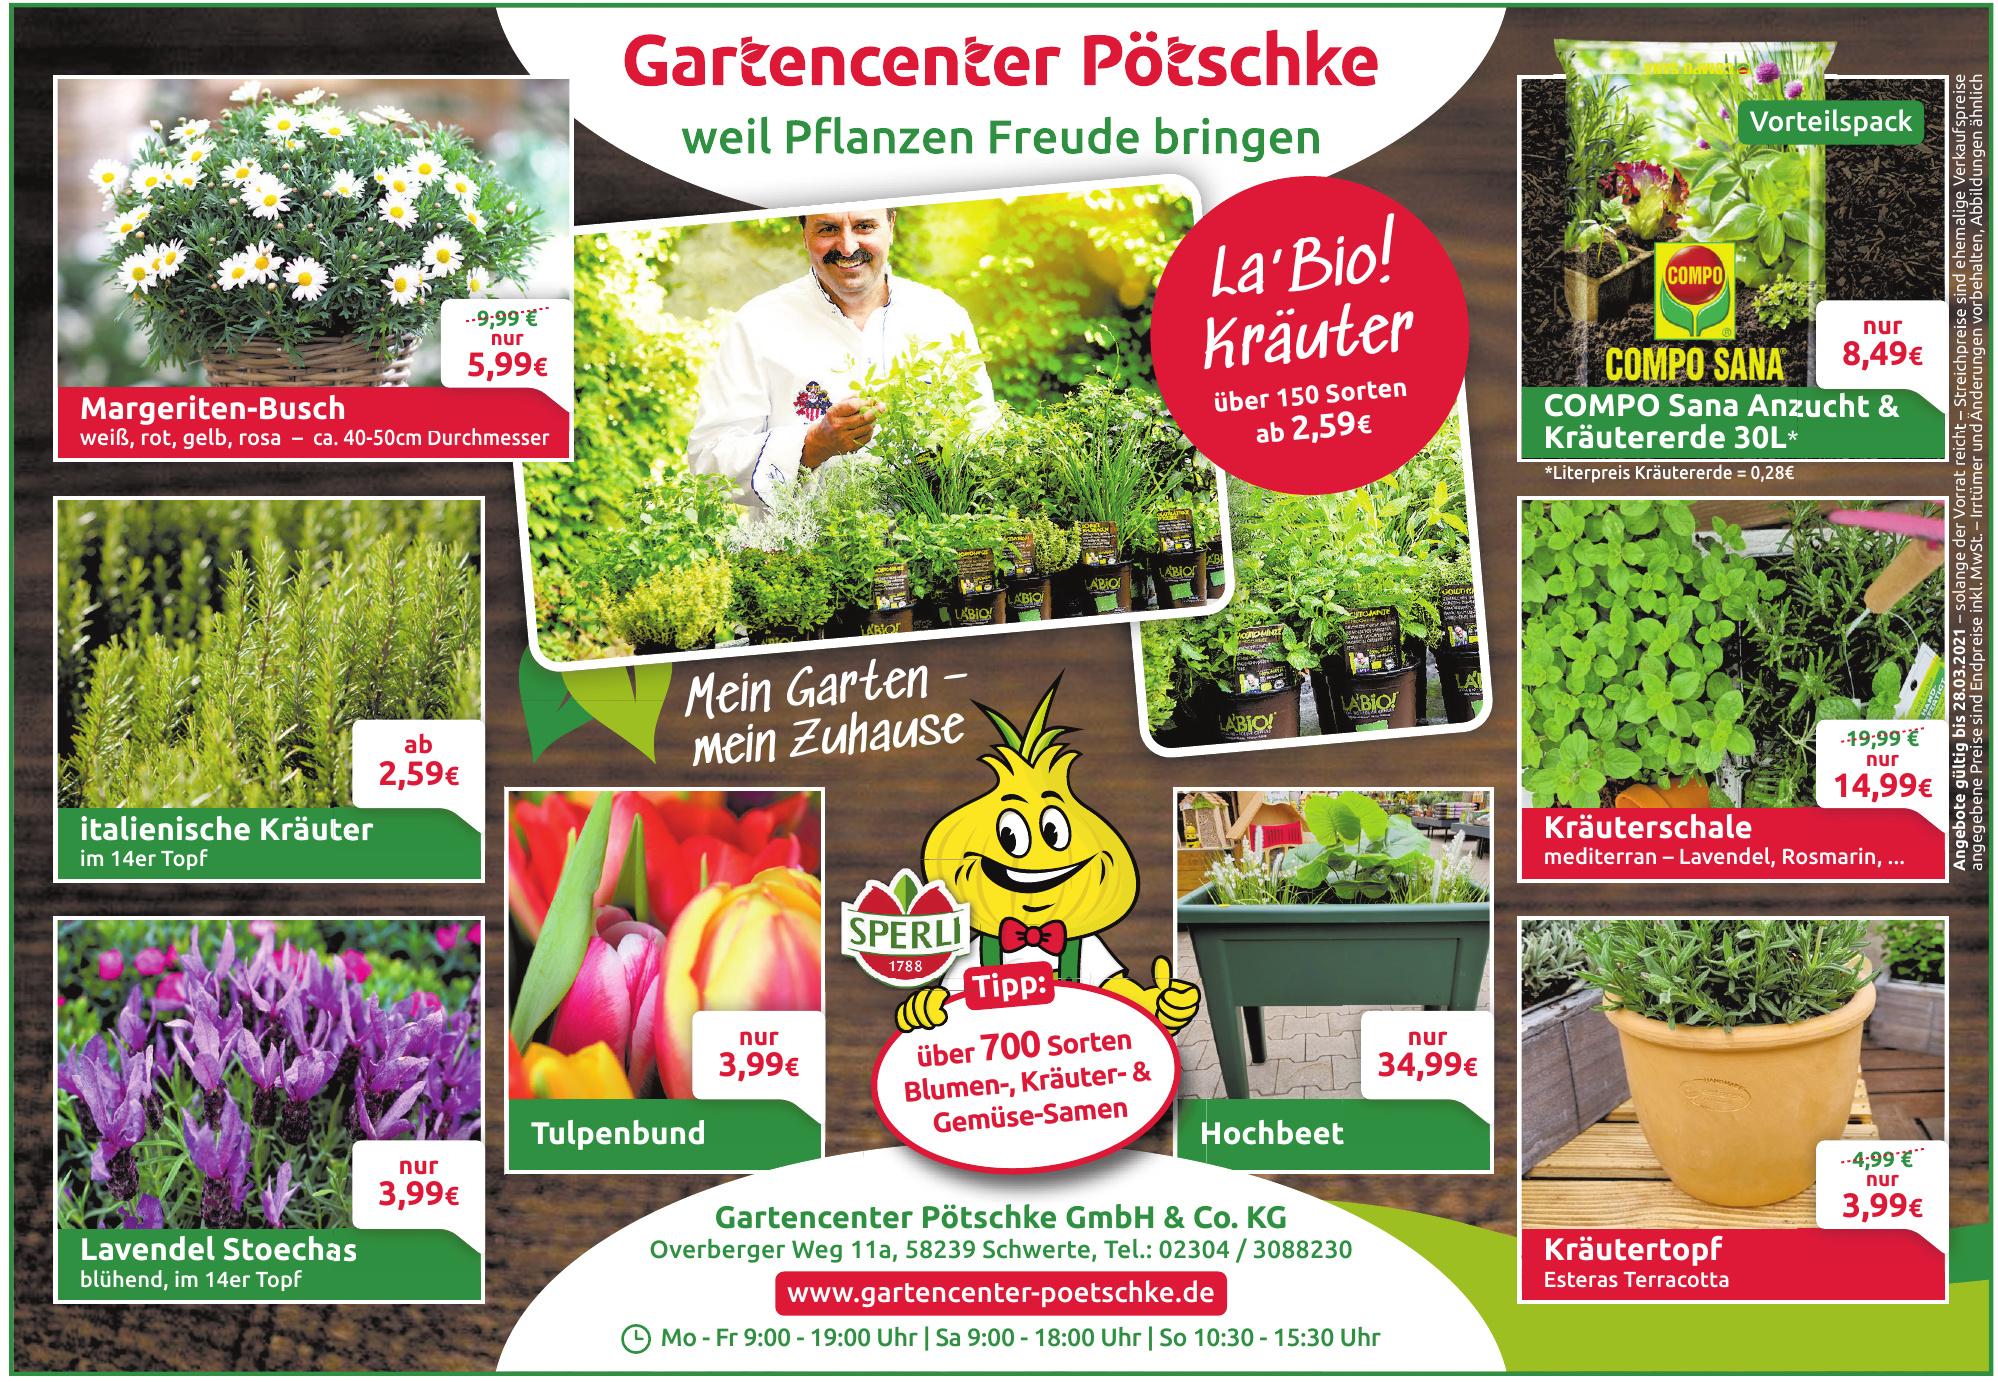 Gartencenter Pötschke GmbH & Co. KG